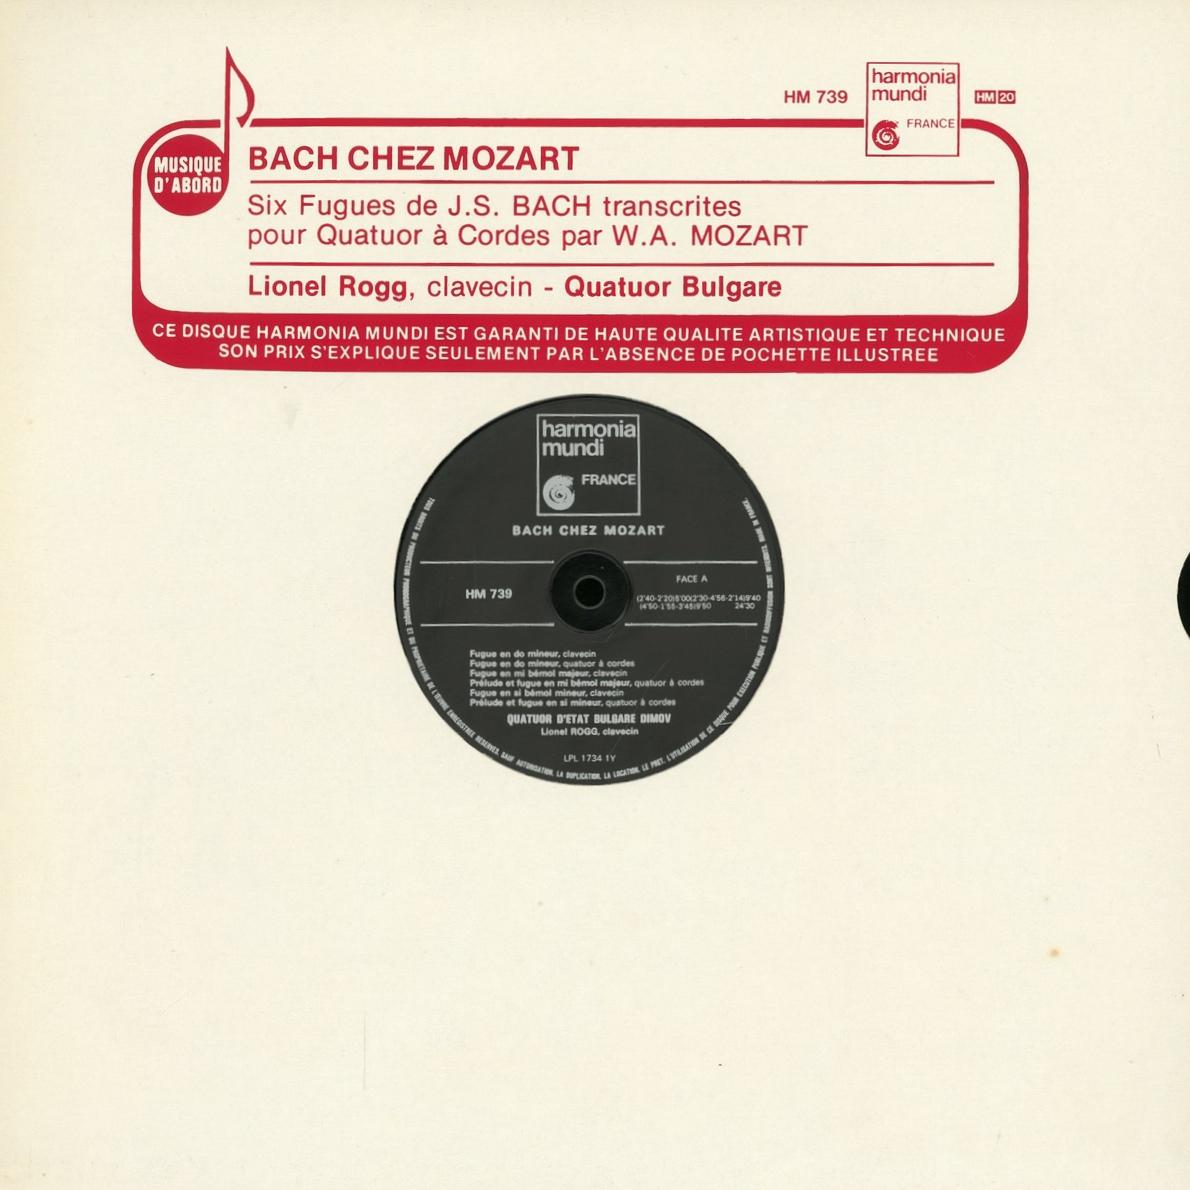 Recto de la pochette du disque Harmonia Mundi HM 739, Cliquer sur la photo pour une vue agrandie